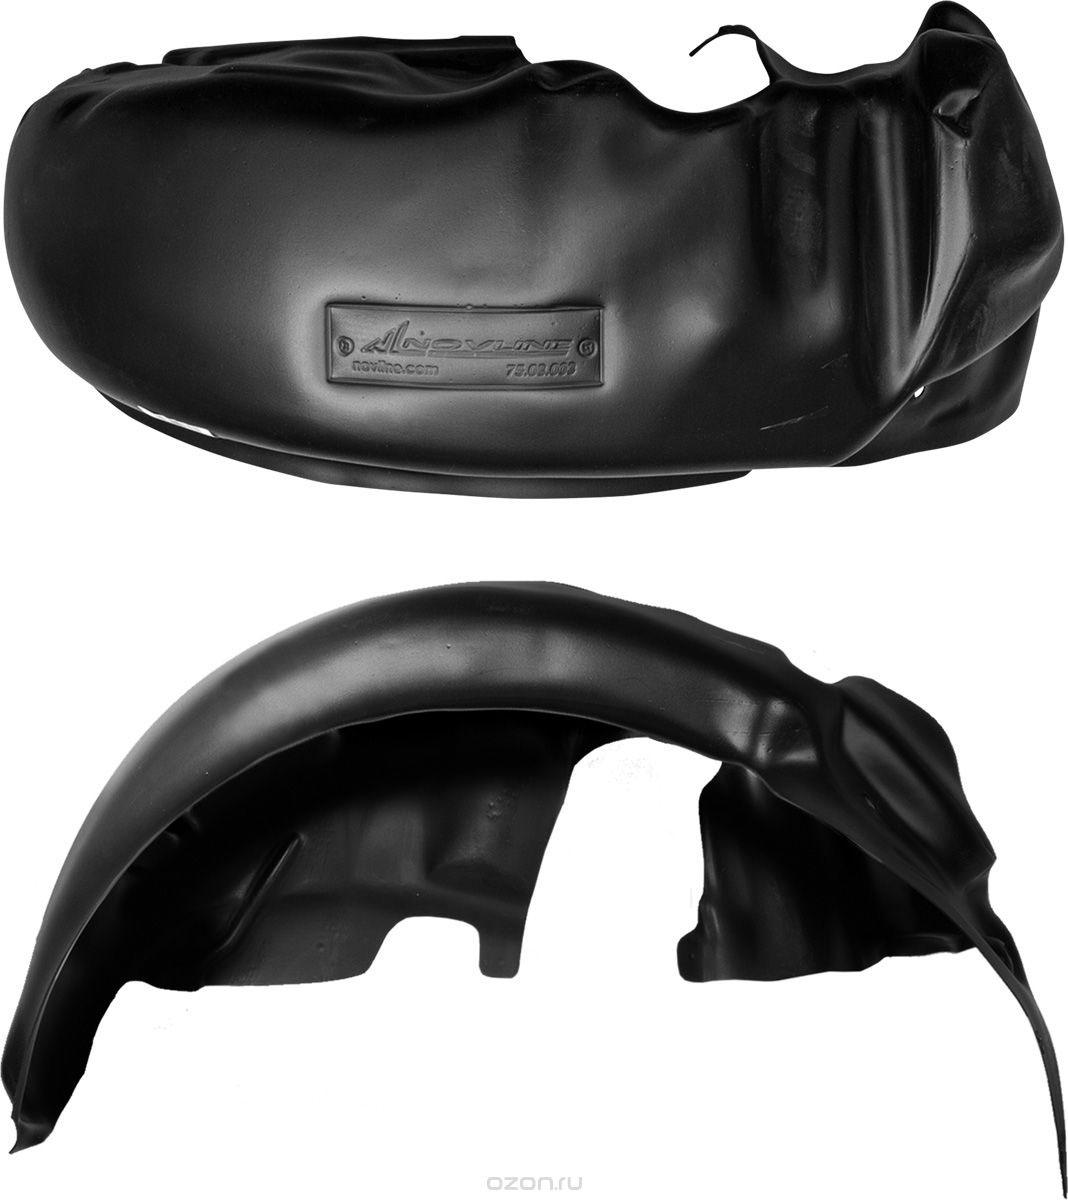 Подкрылок Novline-Autofamily, для НИВА 04/1997->, б/б, передний левыйSS 4041Идеальная защита колесной ниши. Локеры разработаны с применением цифровых технологий, гарантируют максимальную повторяемость поверхности арки. Изделия устанавливаются без нарушения лакокрасочного покрытия автомобиля, каждый подкрылок комплектуется крепежом. Уважаемые клиенты, обращаем ваше внимание, что фотографии на подкрылки универсальные и не отражают реальную форму изделия. При этом само изделие идет точно под размер указанного автомобиля.